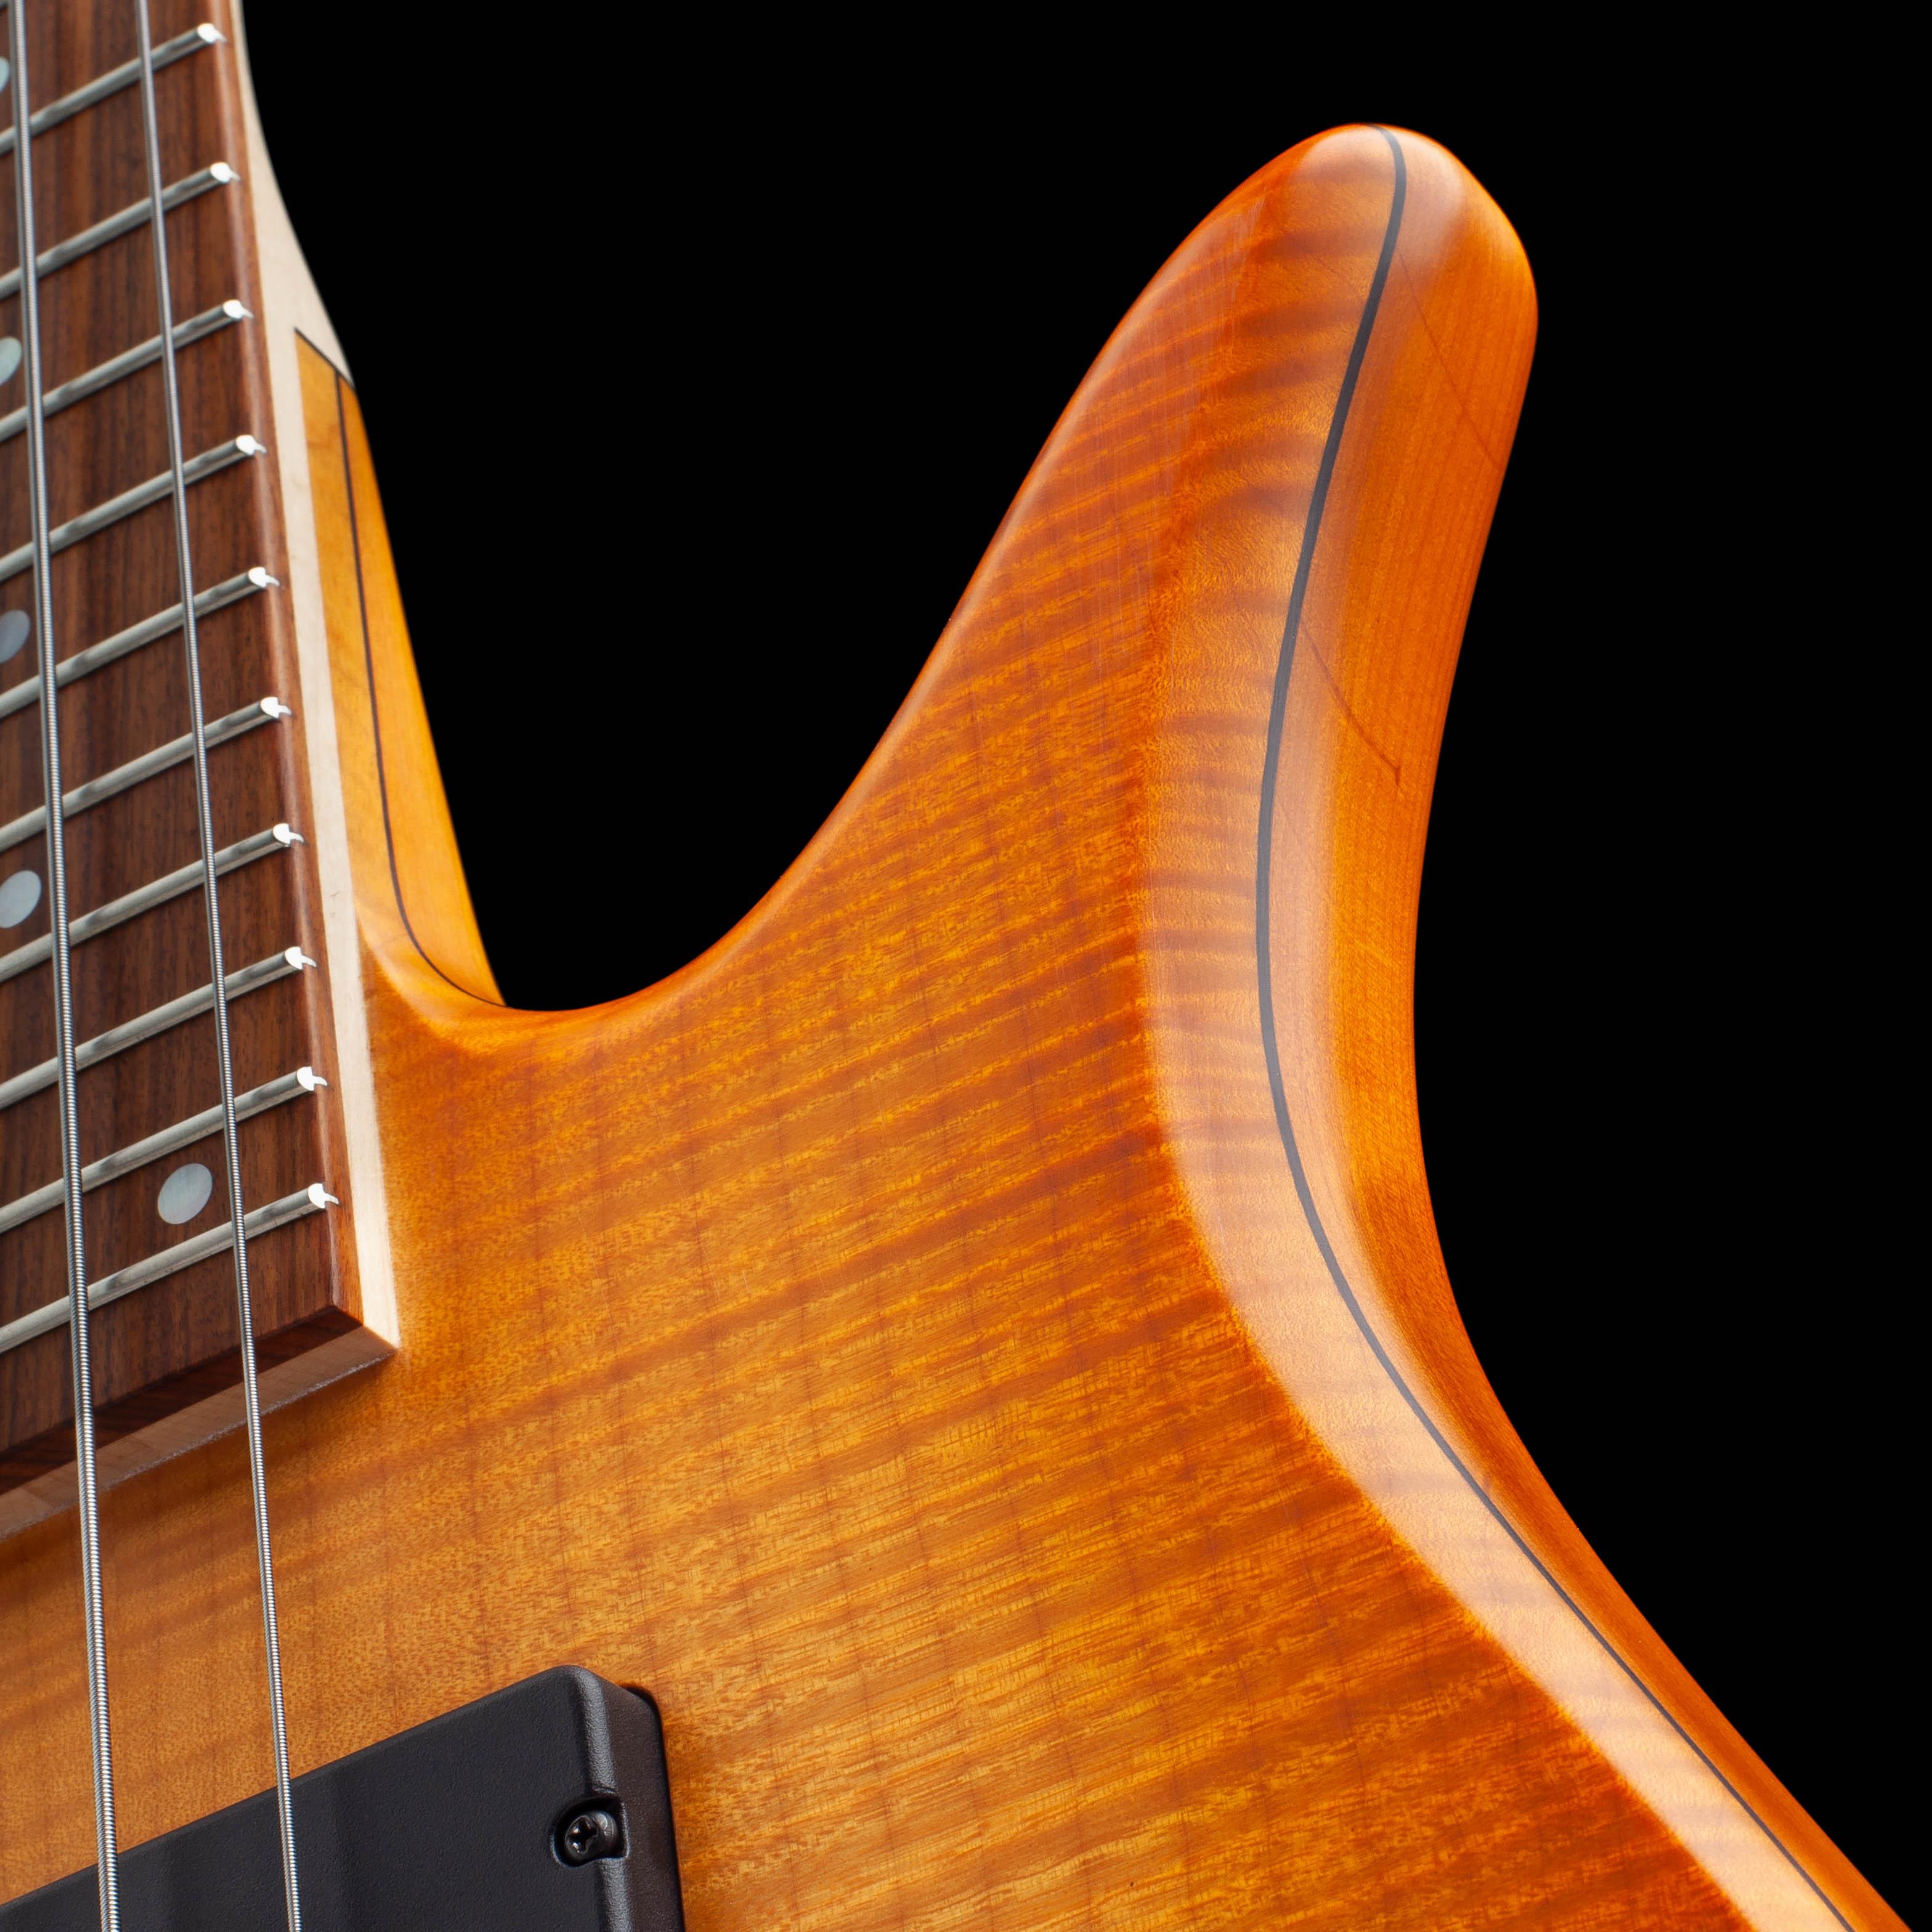 Bass Guitar Body Curves Closeup